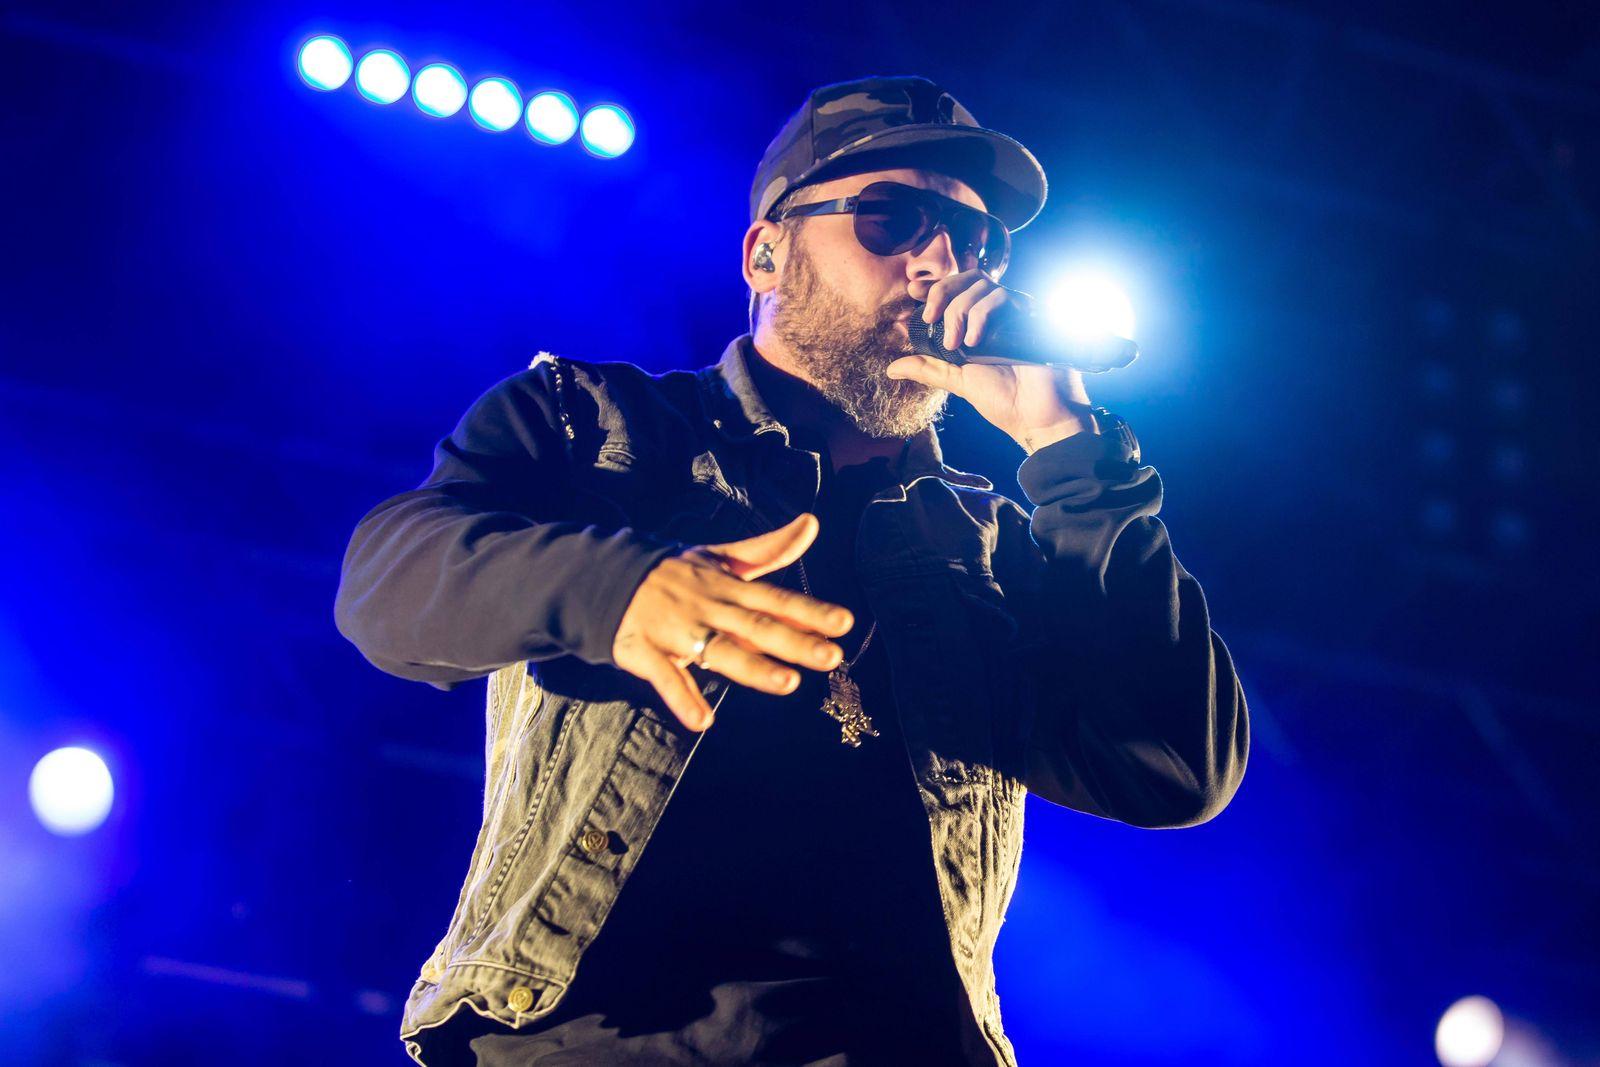 Der deutsche Rapper und Produzent Paul Hartmut Würdig alias Sido live beim 26 Heitere Open Air in Z